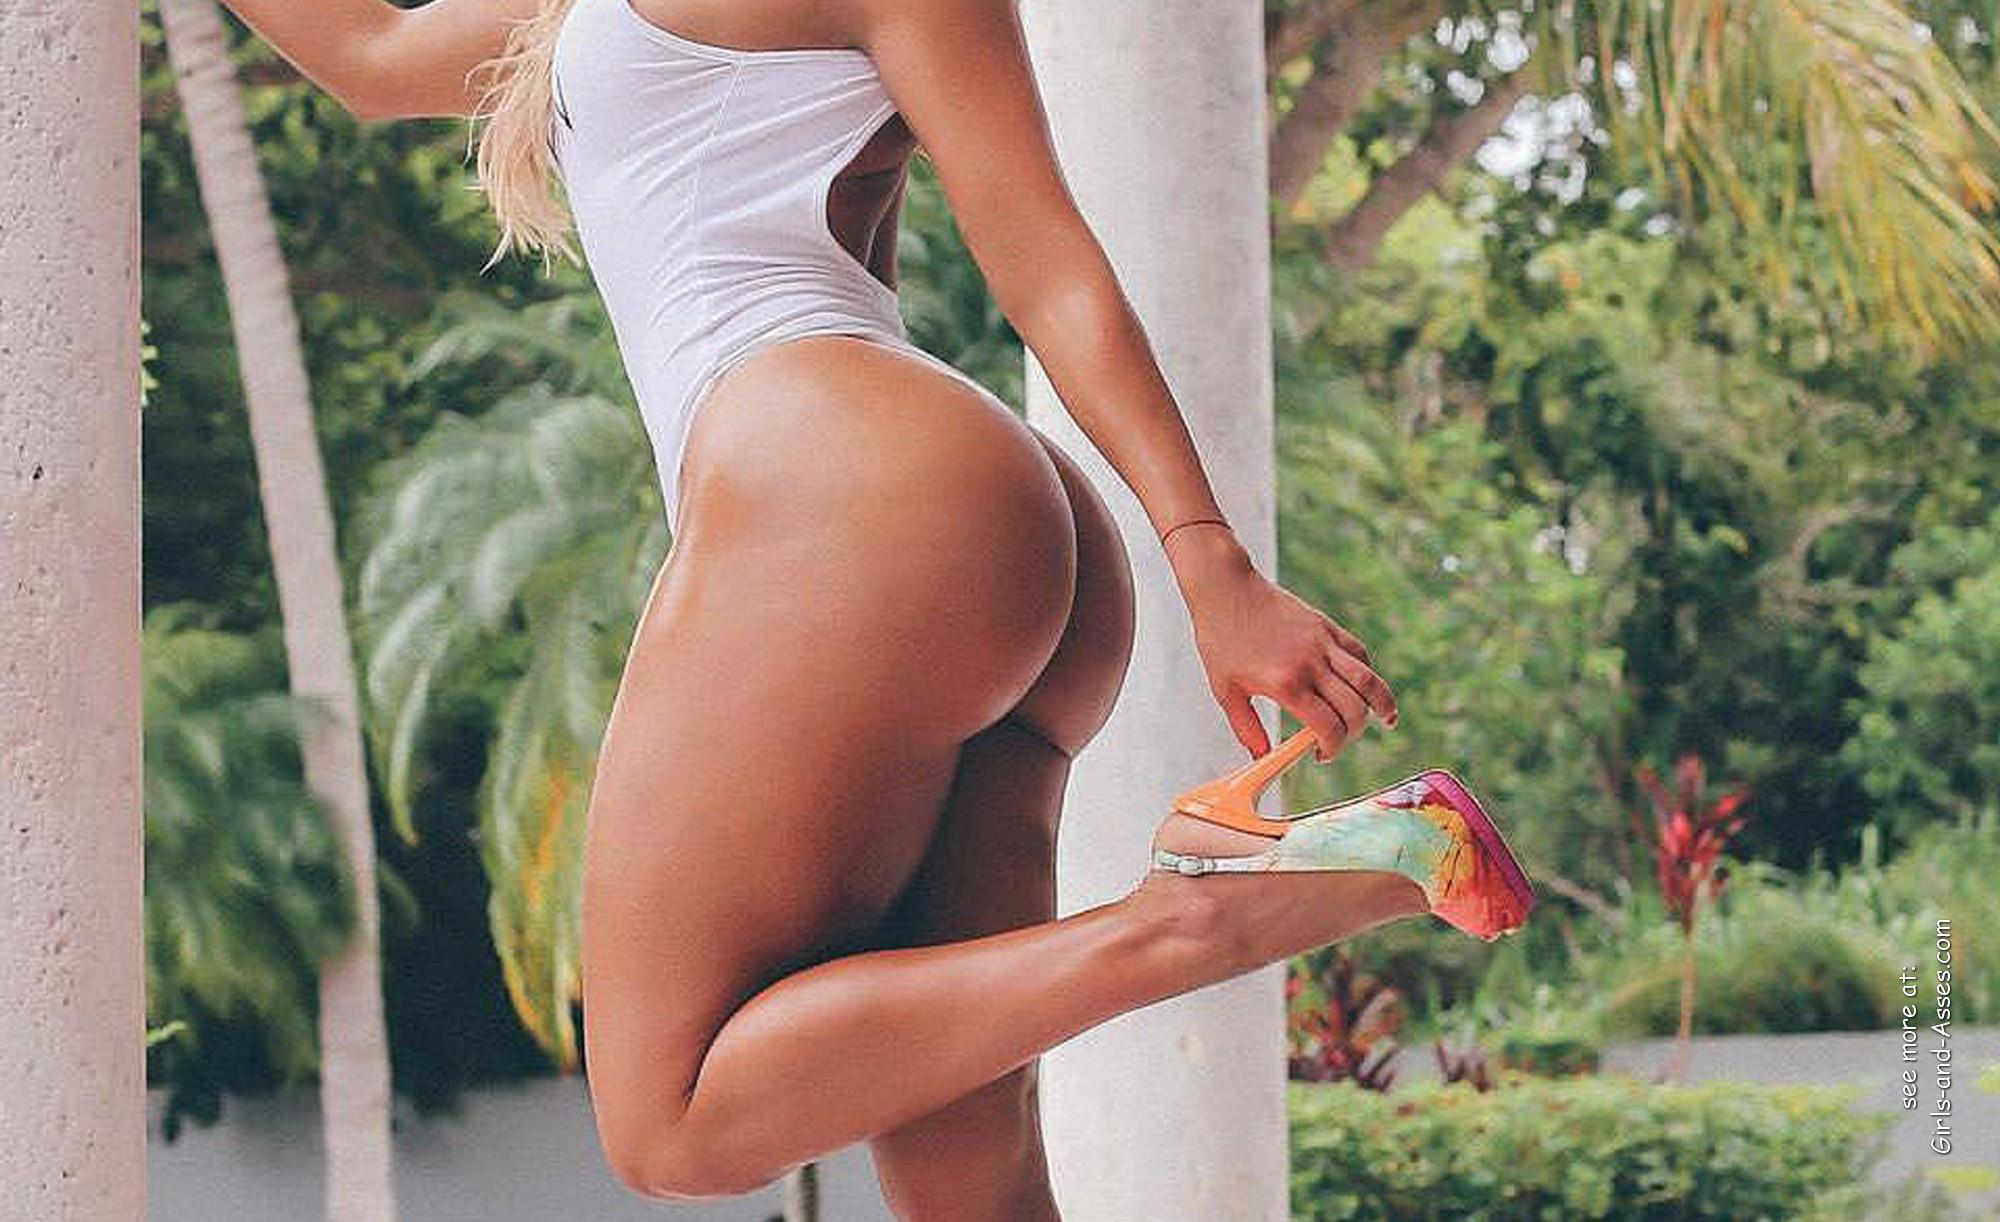 big assed naked brazilian babe photo 04400